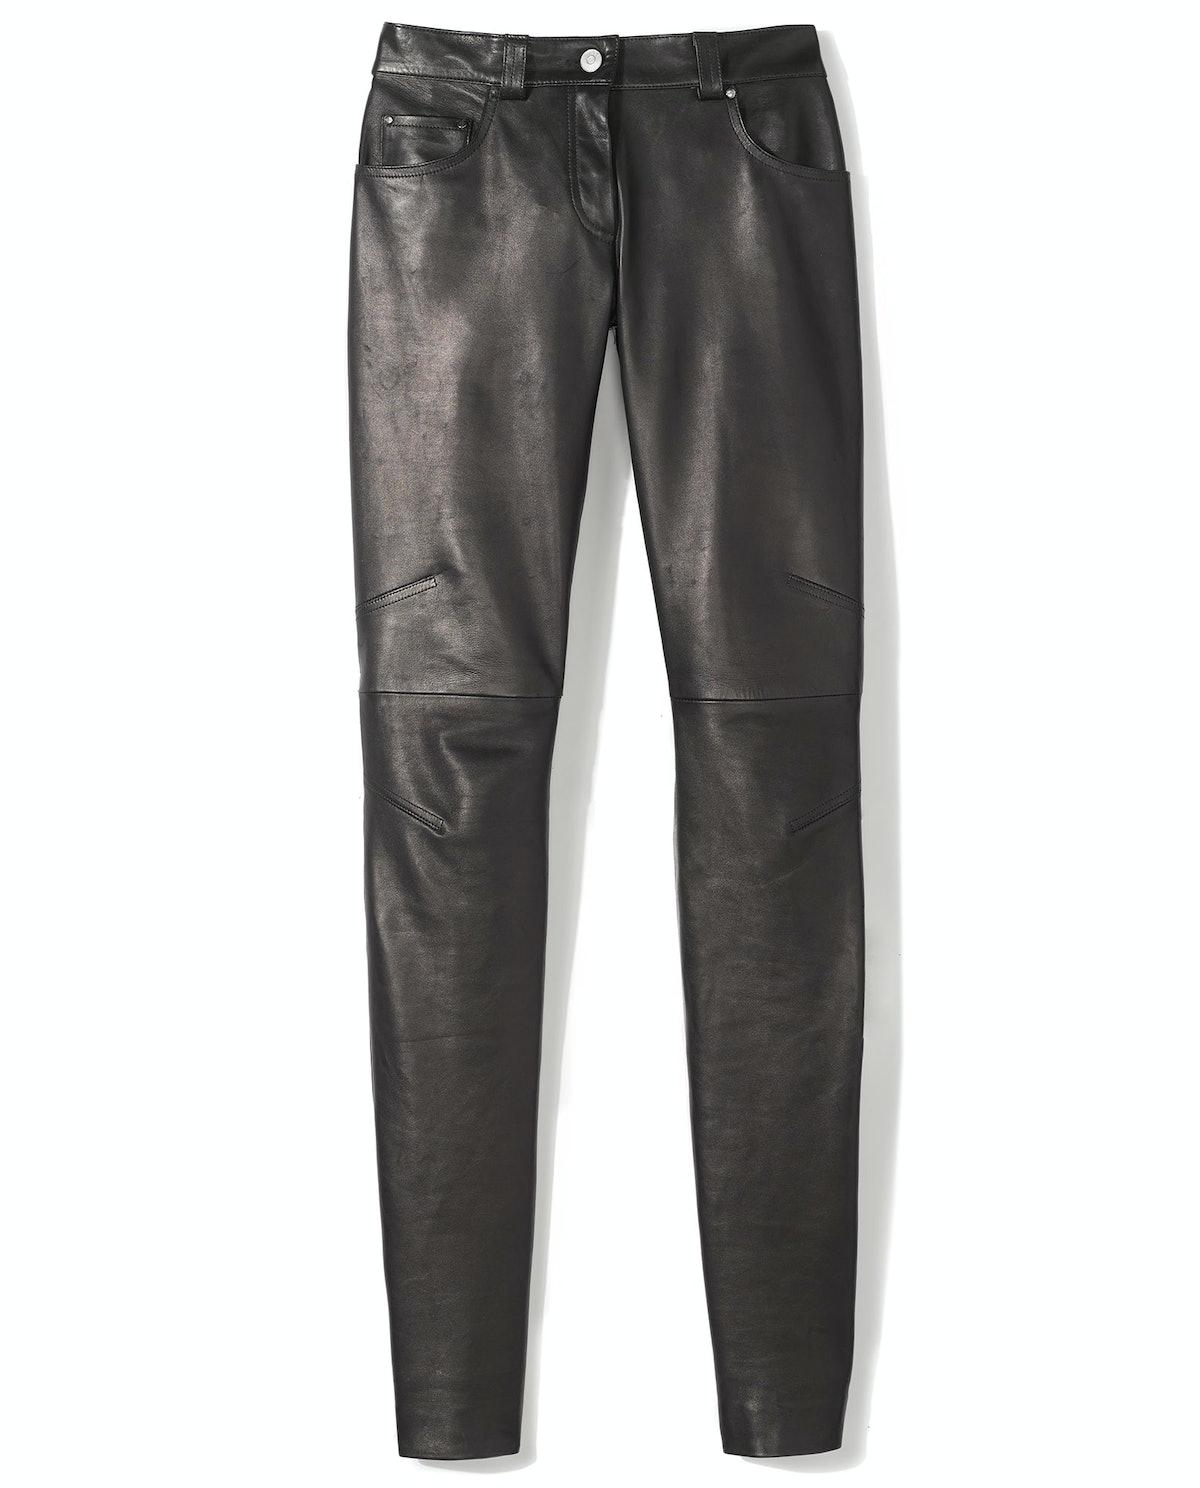 IRFE pants